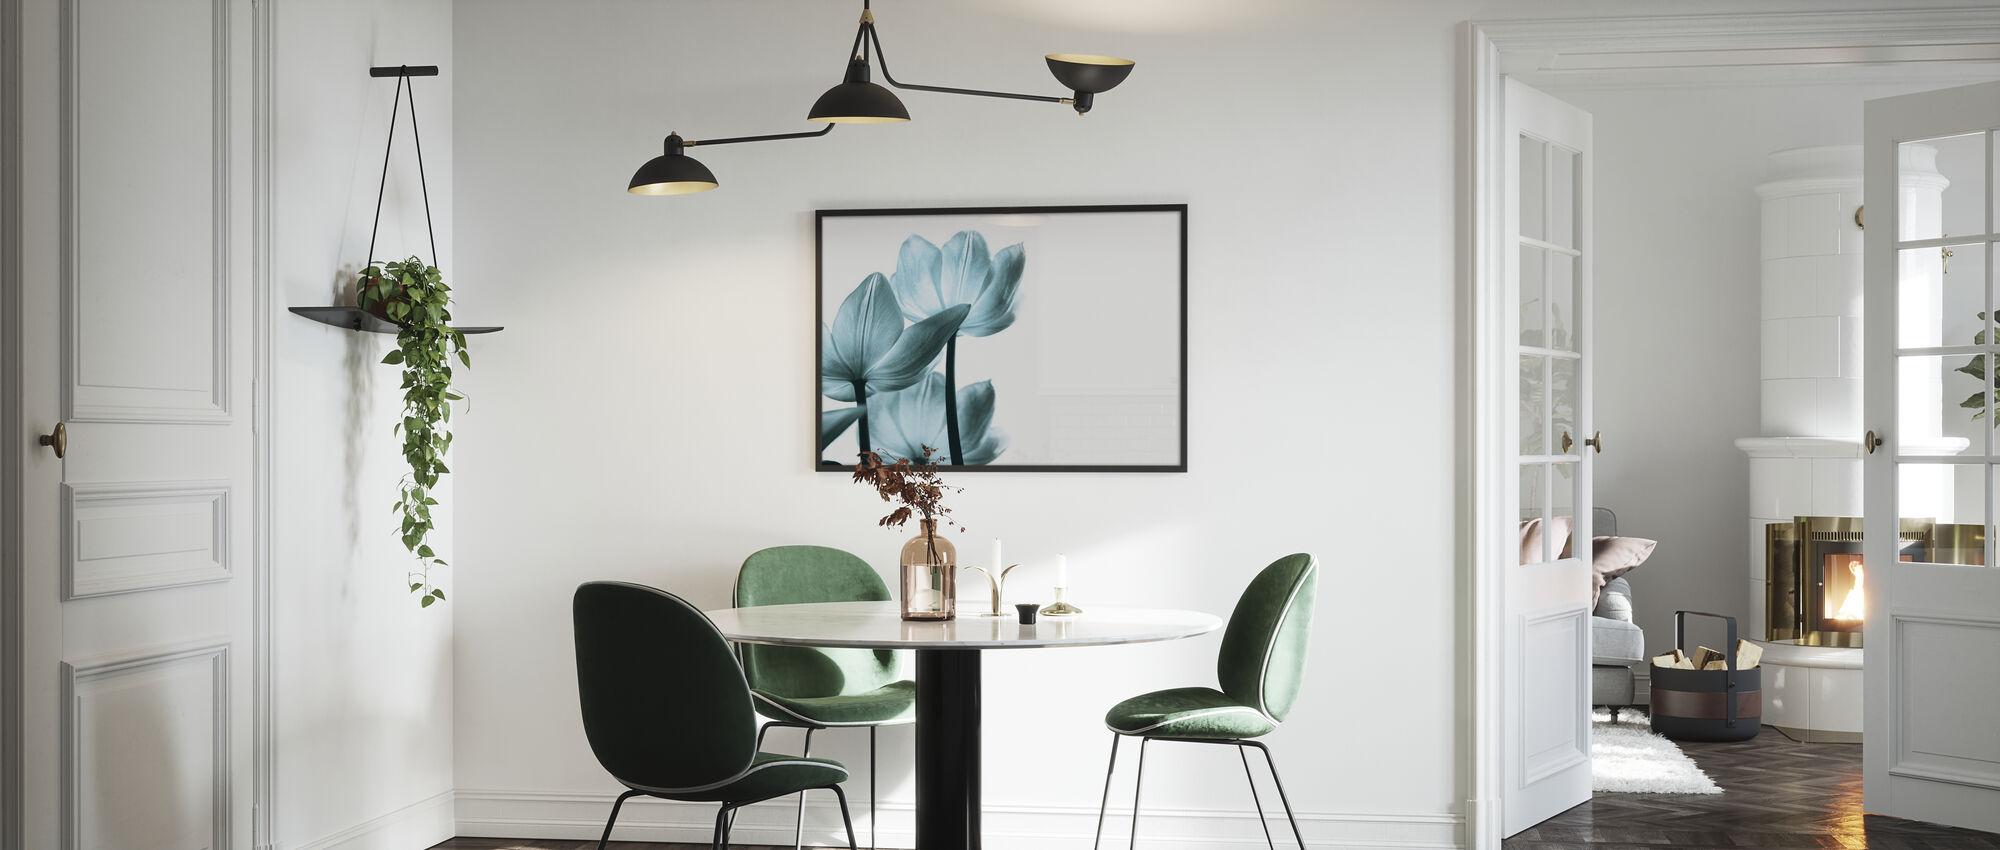 Doorschijnende Tulpen - Poster - Keuken